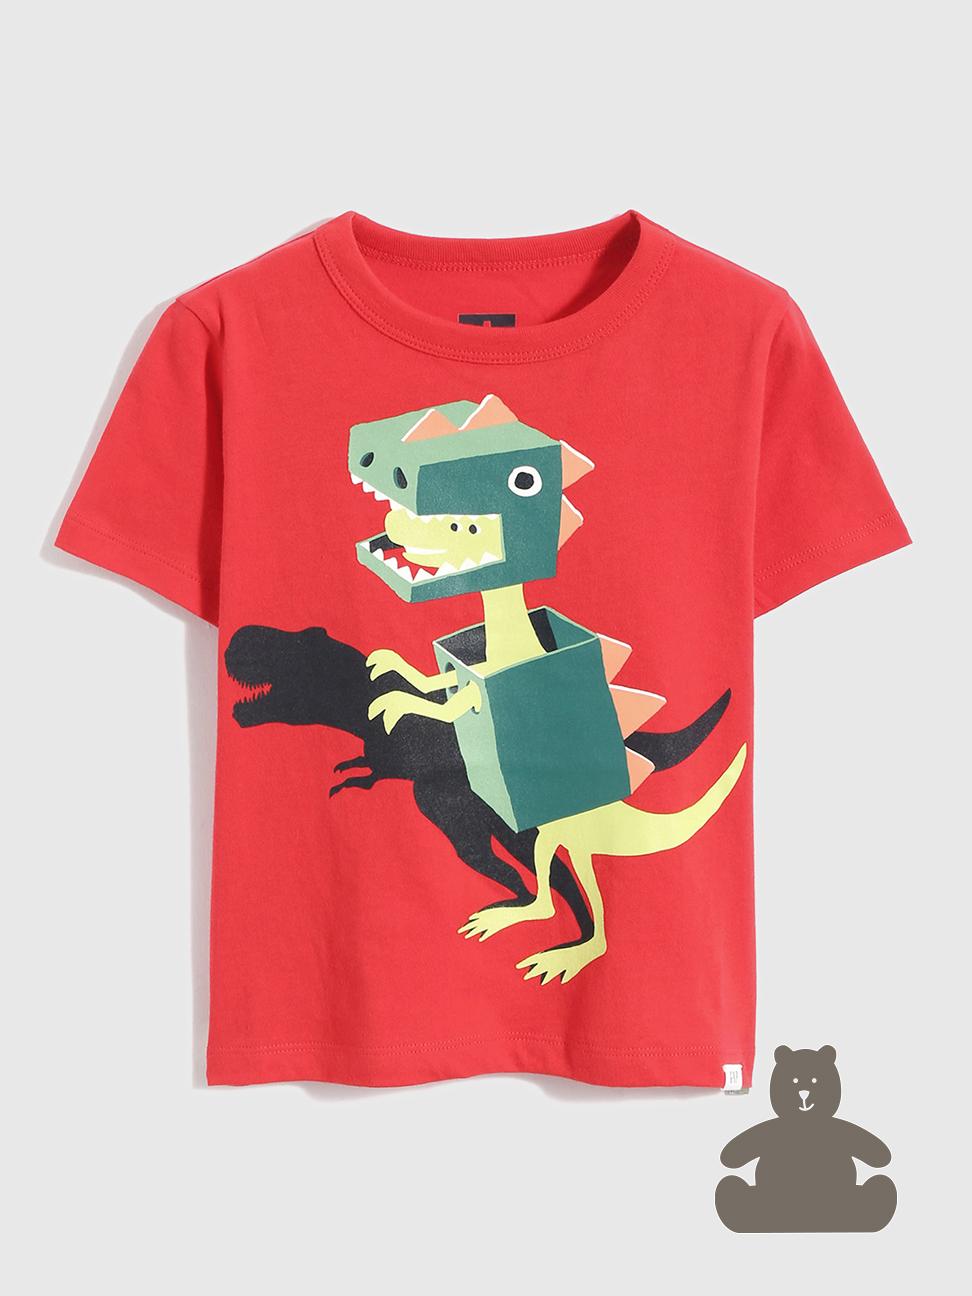 幼童 布萊納系列 純棉動物印花短袖T恤